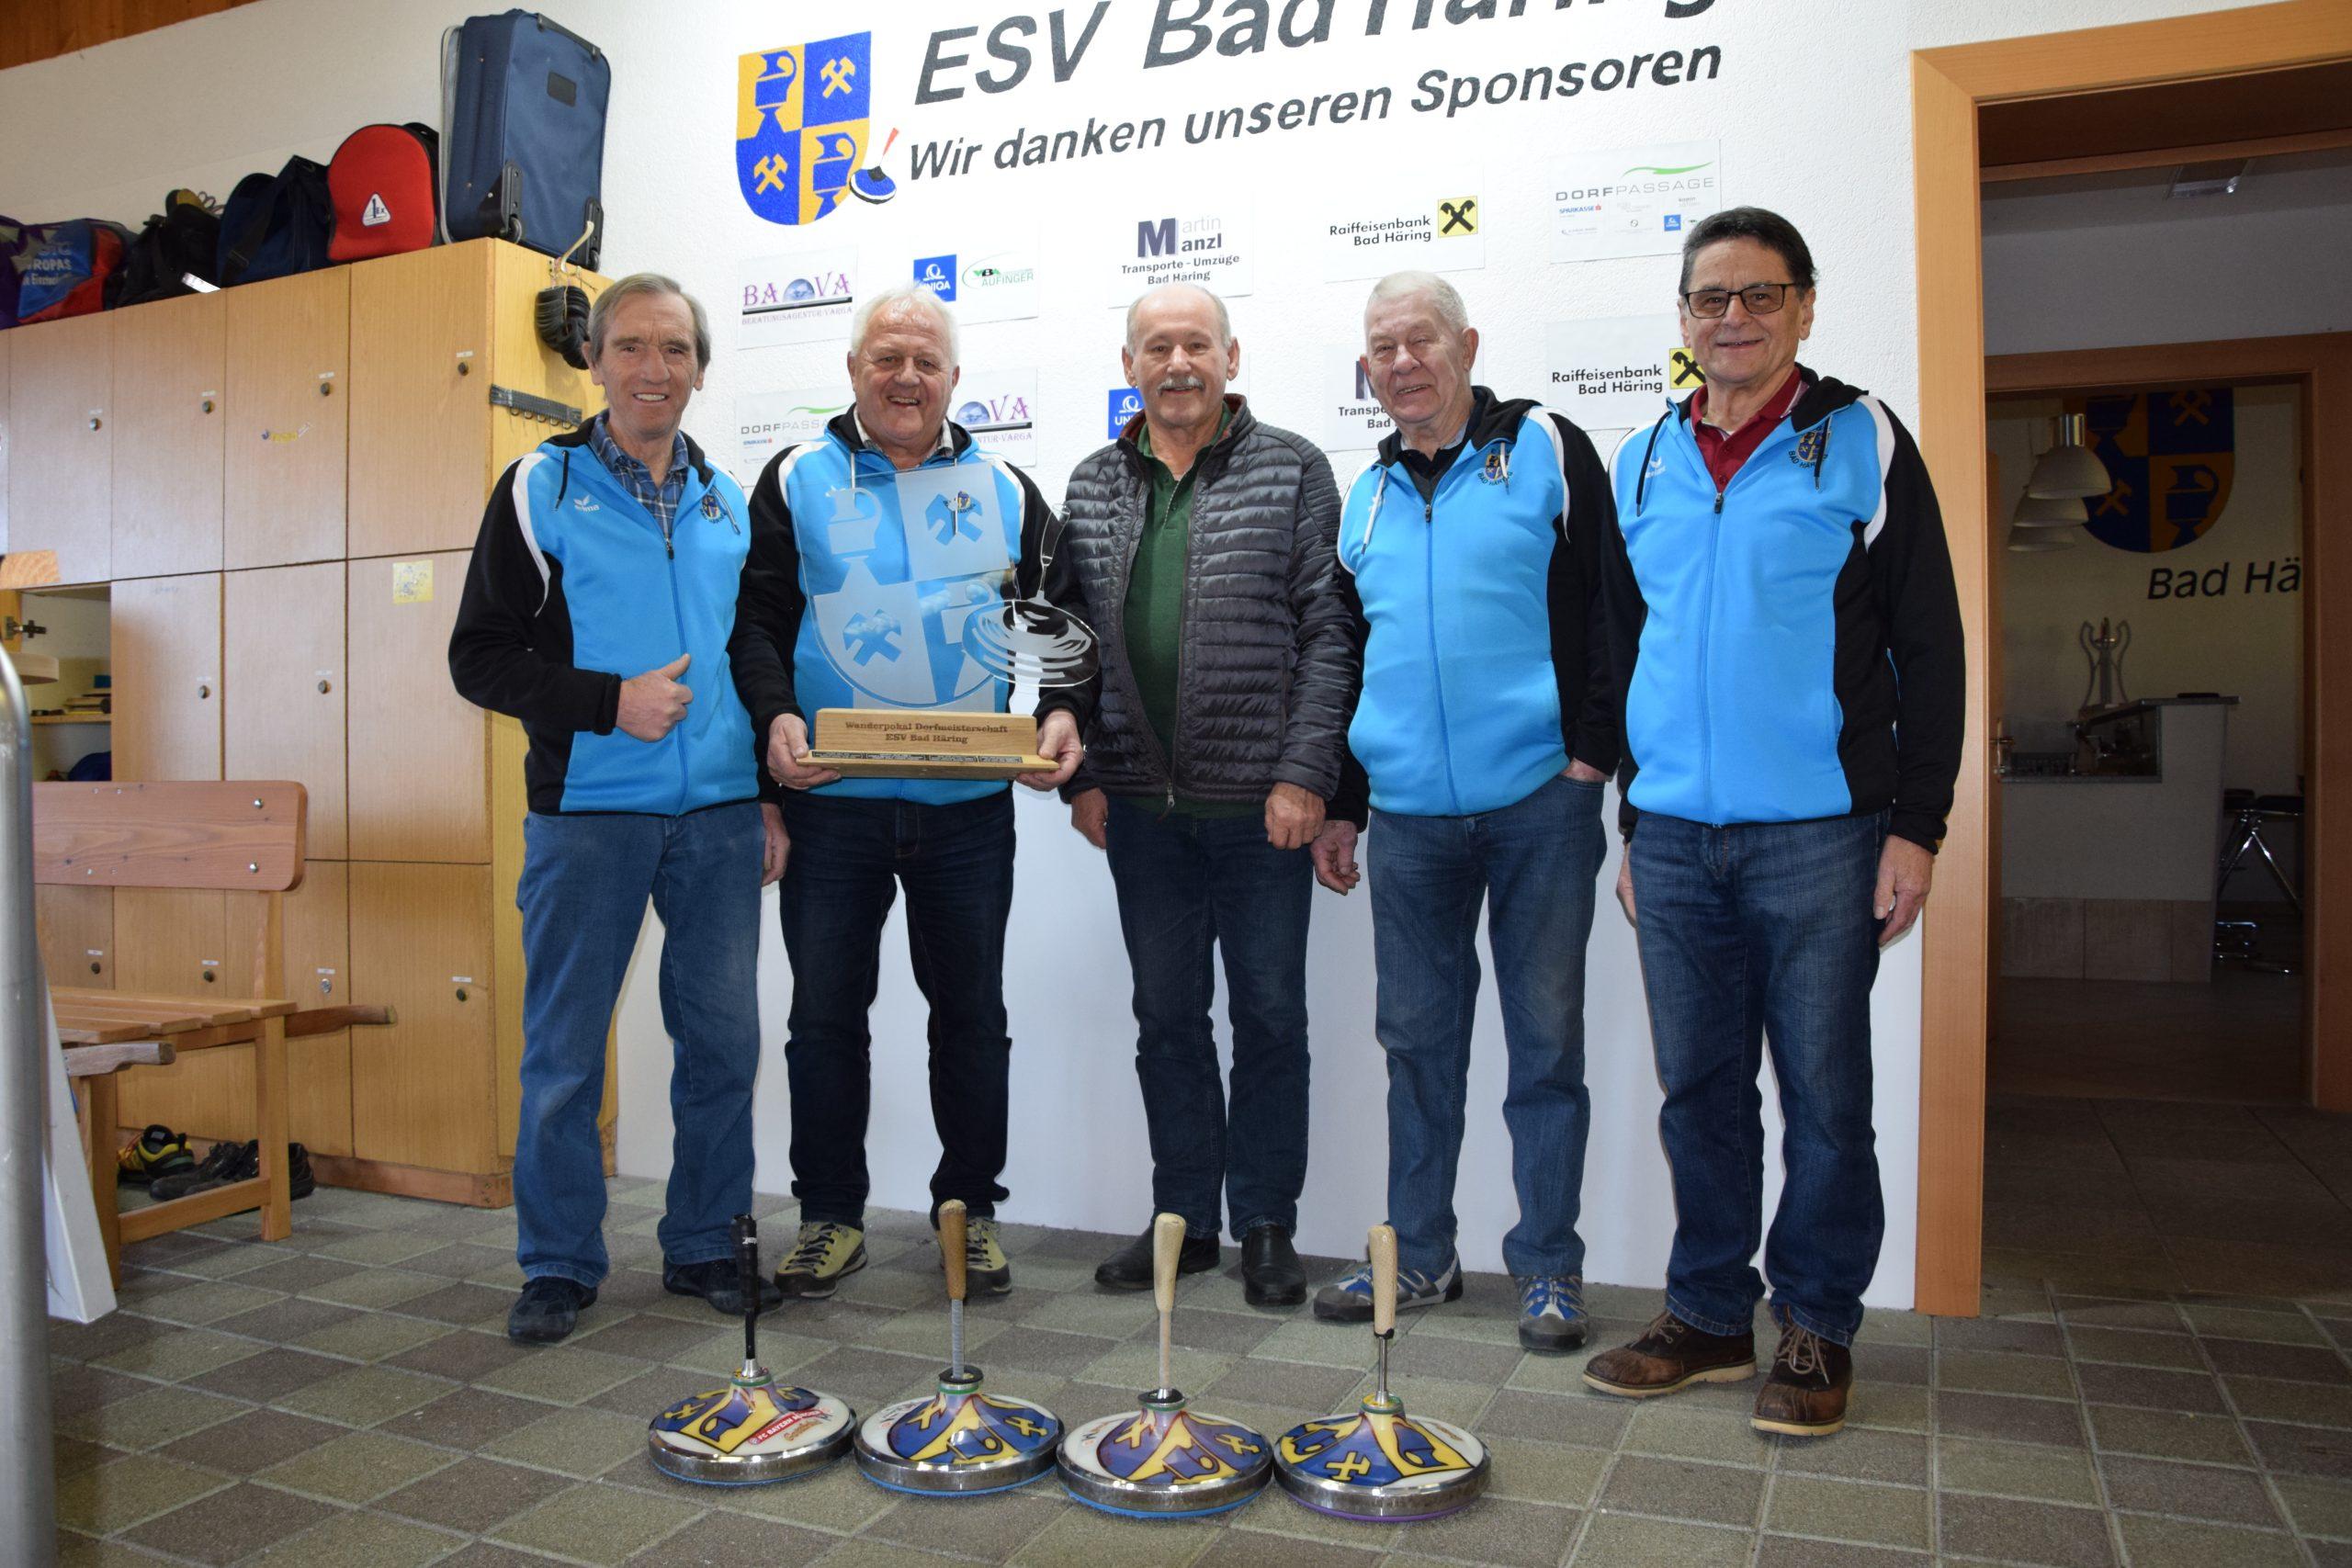 PVÖ Bad Häring Stocksport Dorfmeister 2020@PVÖ Bad Häring